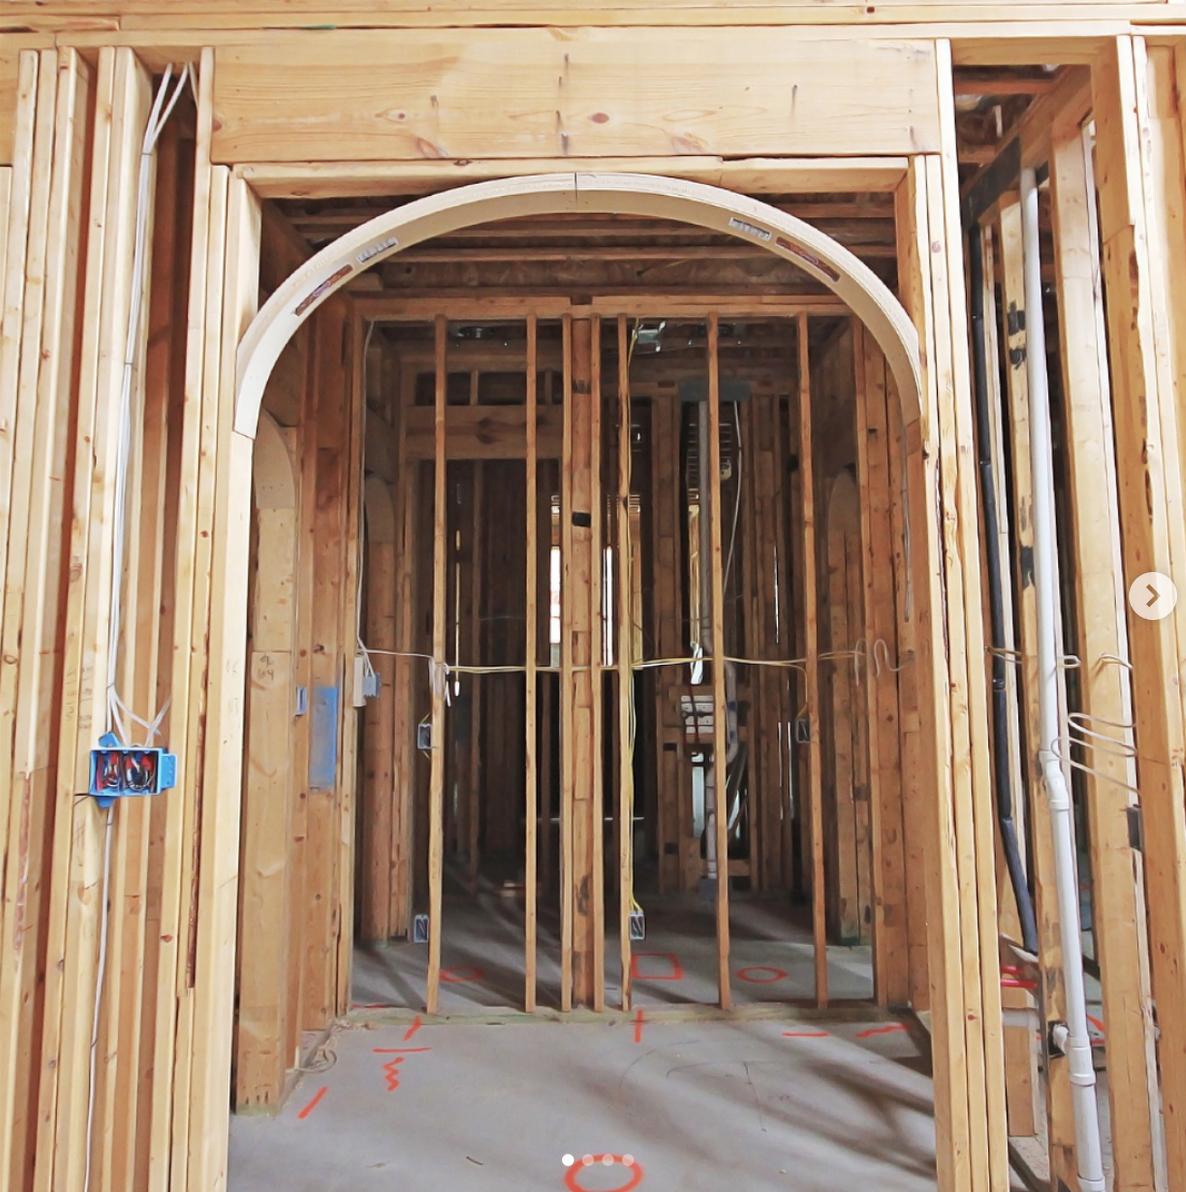 archway arched door